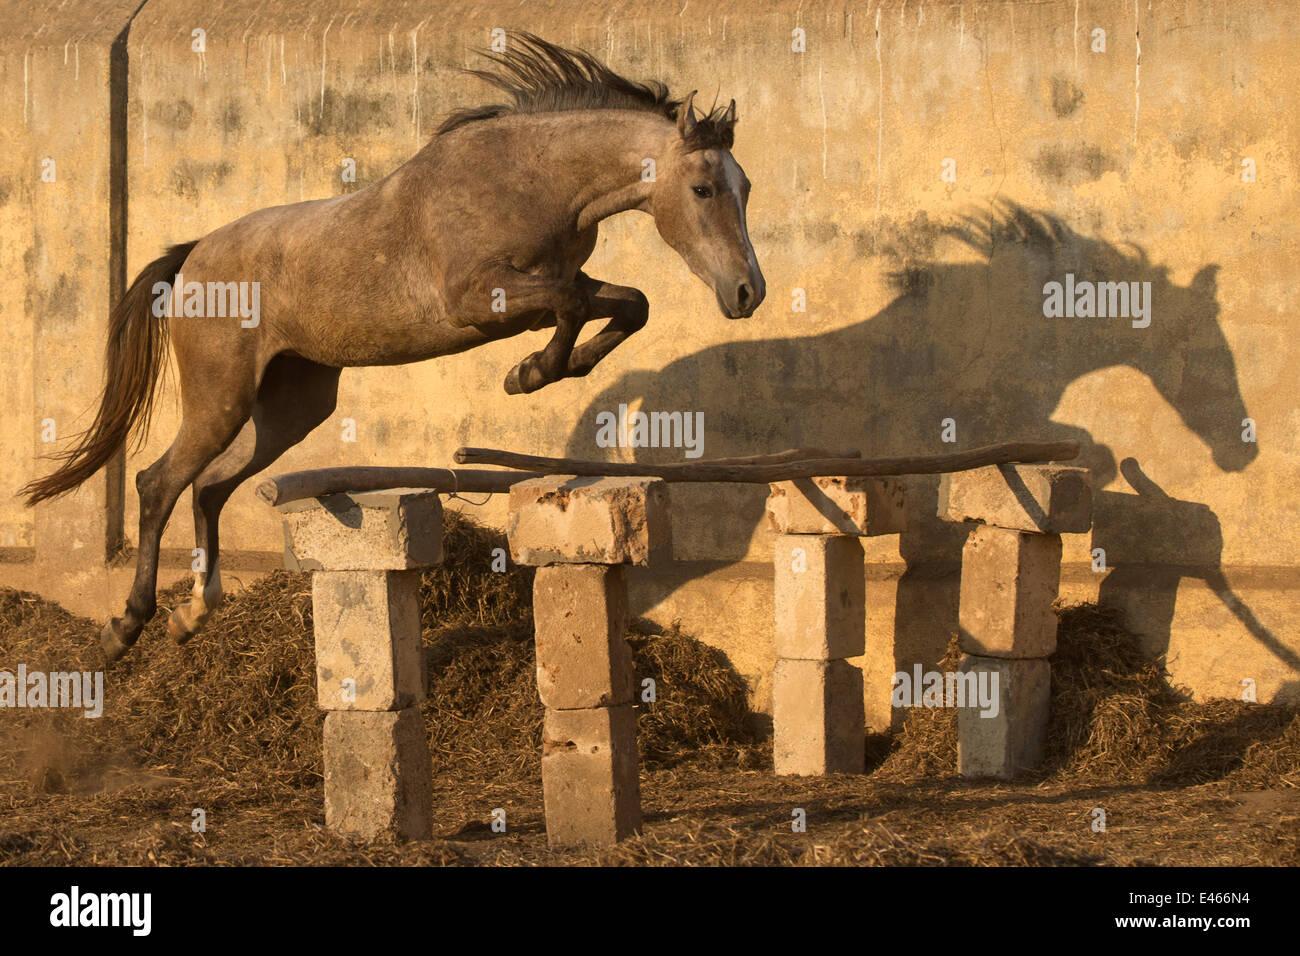 Un deux-ans Kathiawari pouliche cheval saut en liberté,Porbandar, Gujarat, Inde. Out de la séquence 2 Photo Stock